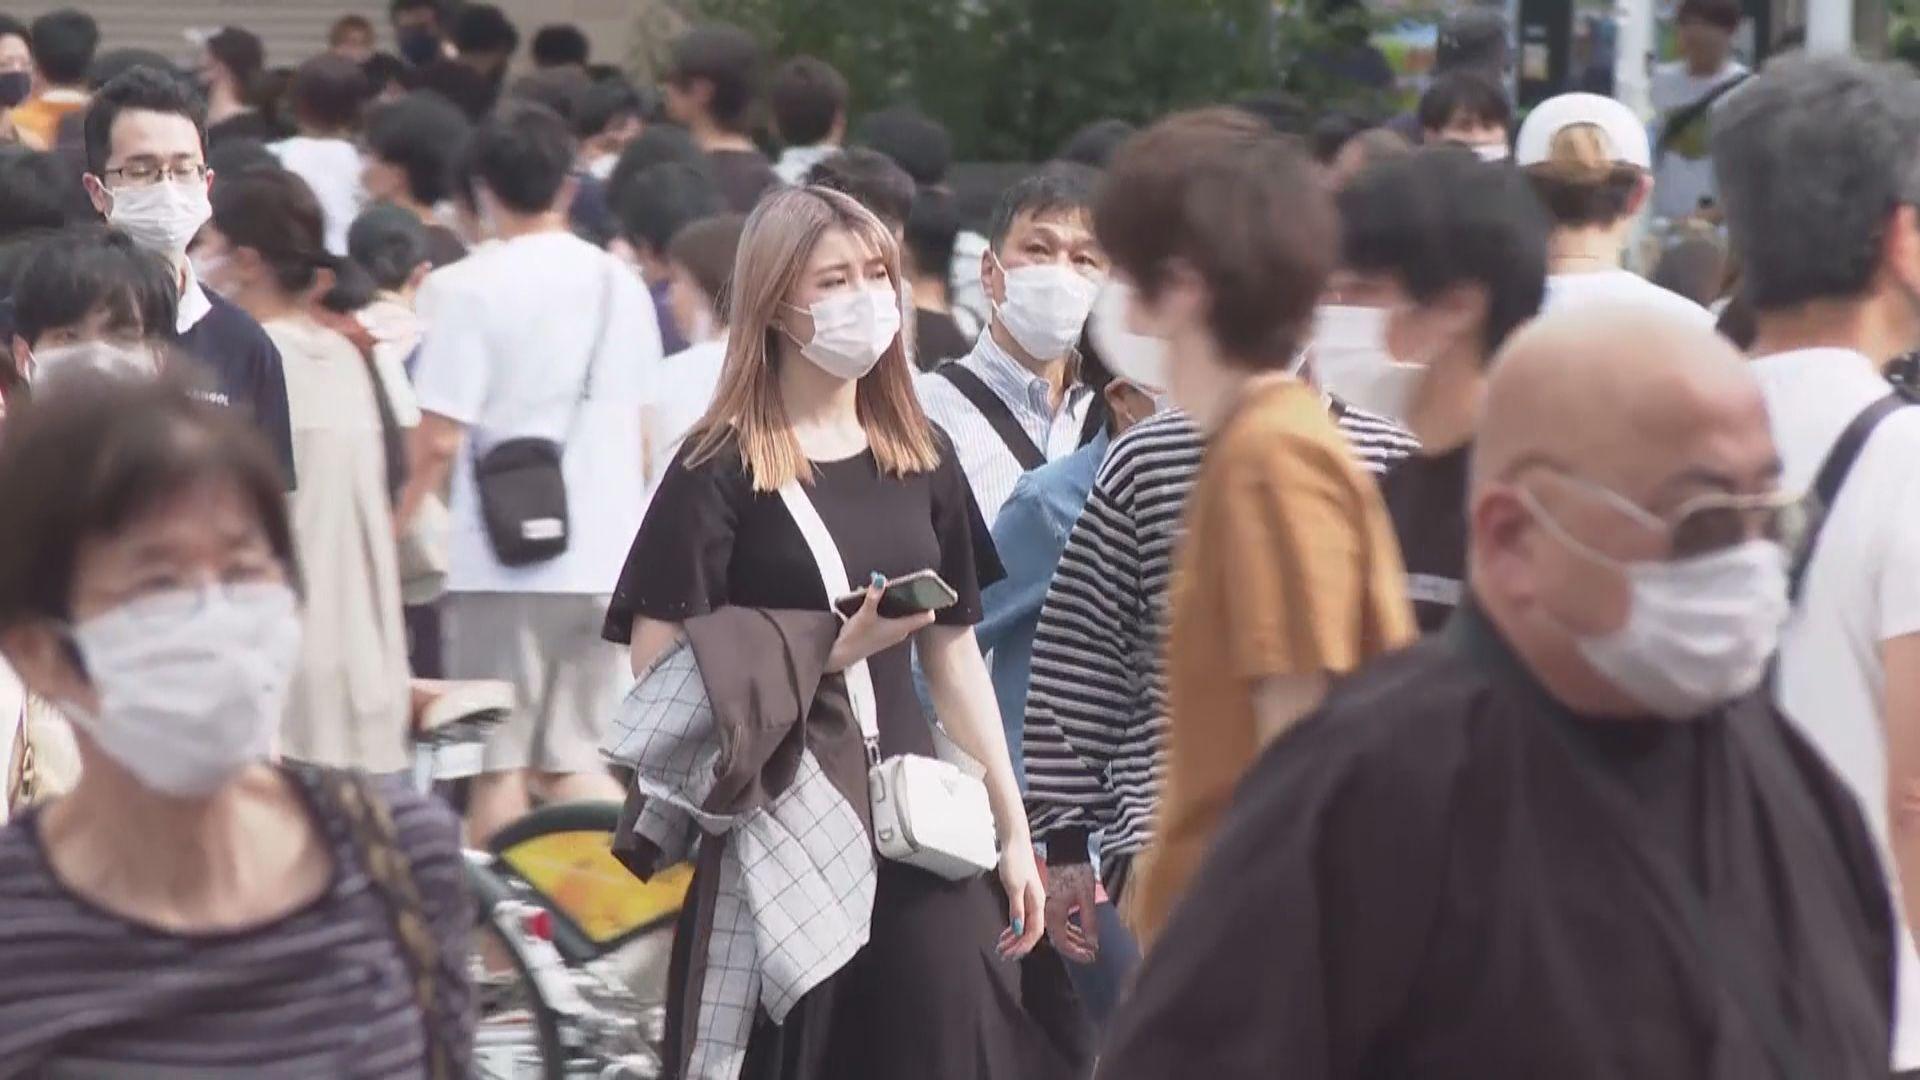 日本單日新增750宗確診 創緊急狀態令以來單日新高